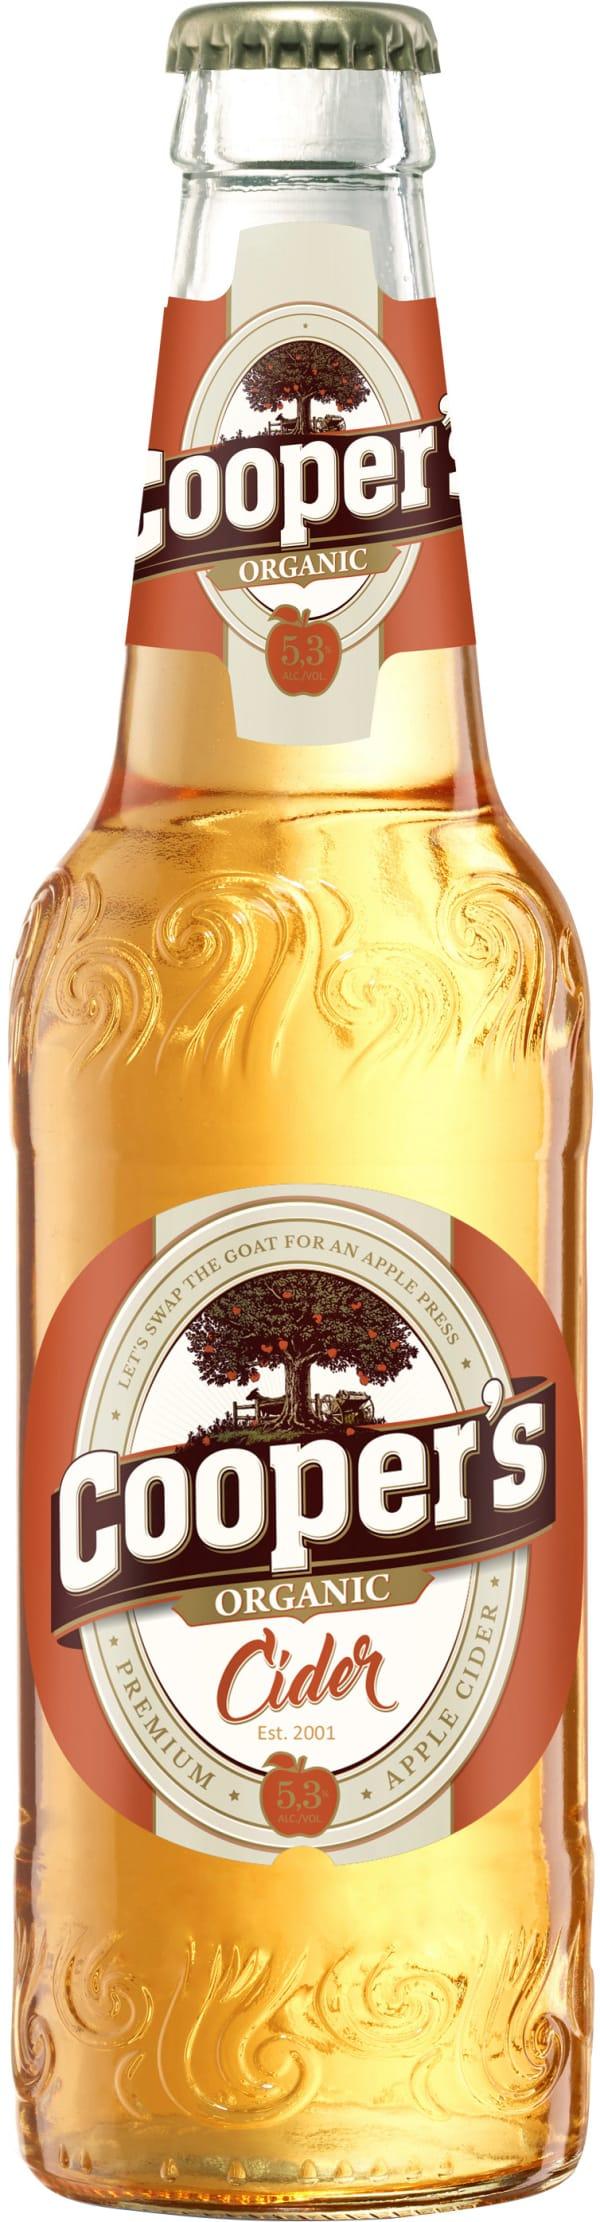 Cooper's Organic Cider